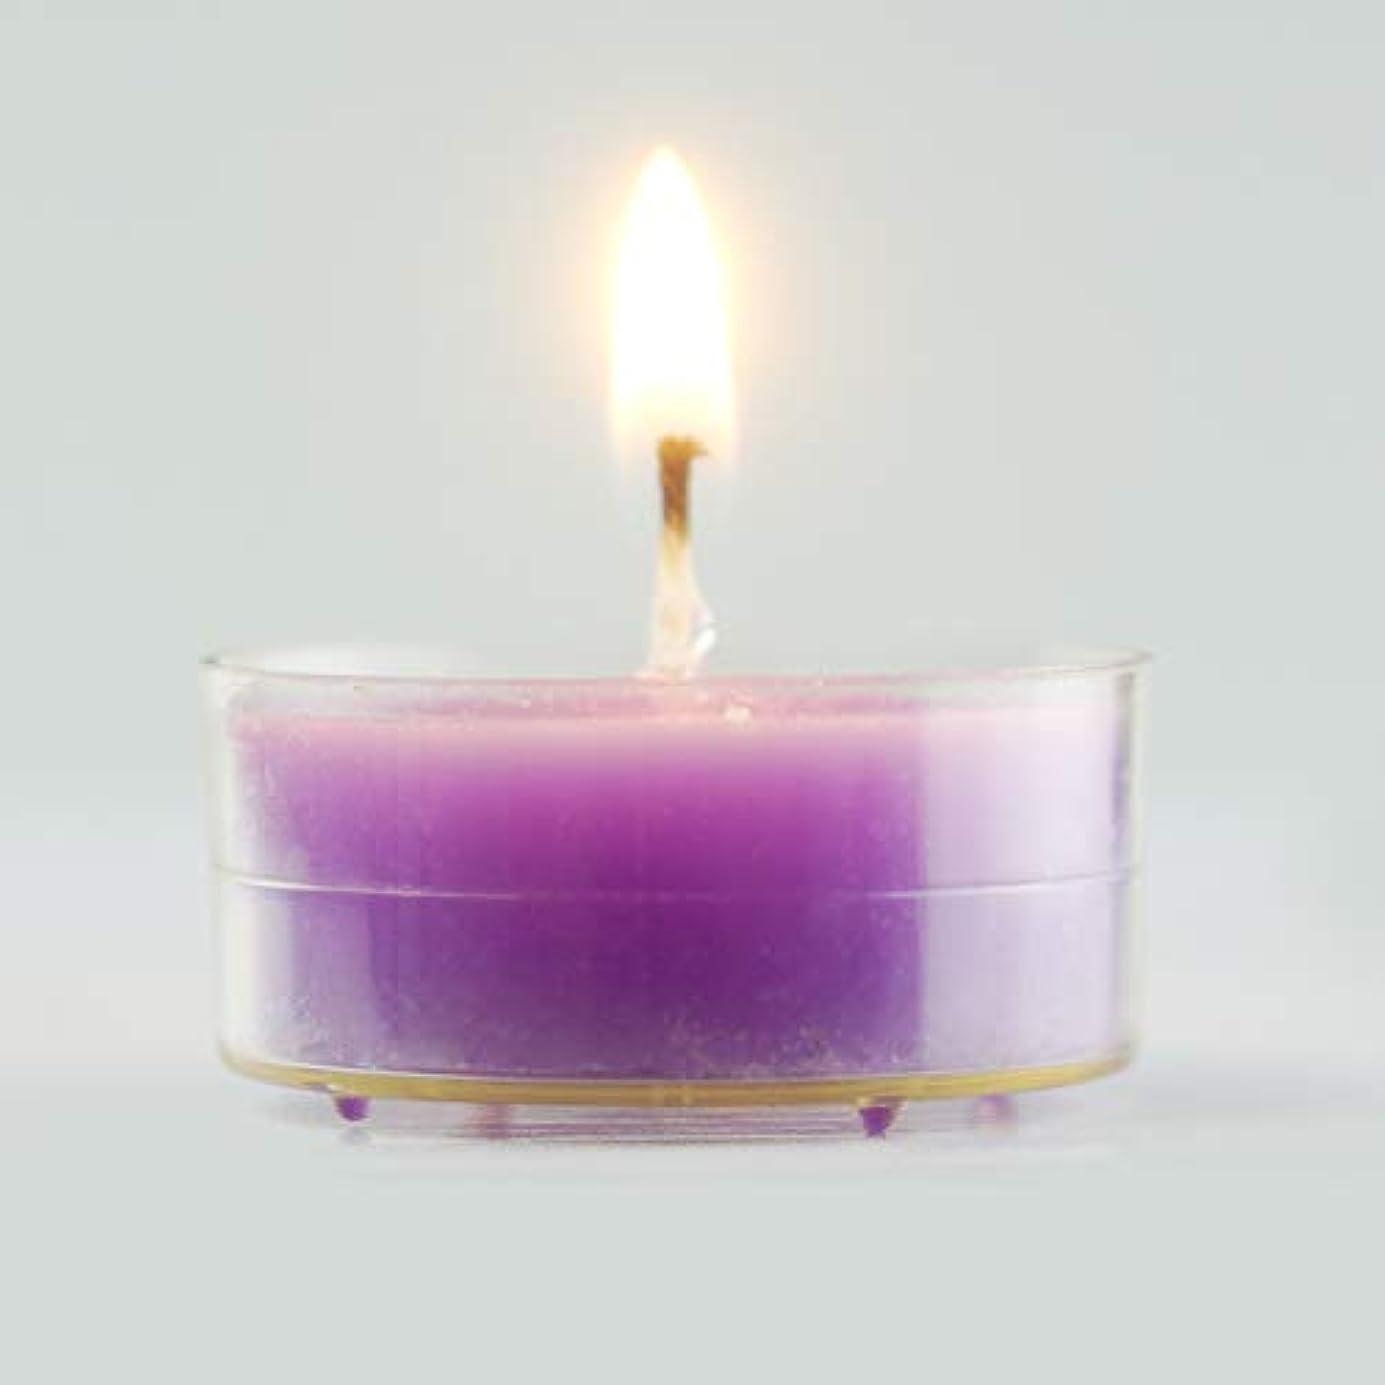 執着まさにに付ける環境に優しいキャンドル きれいな無煙大豆ワックス色味茶ワックス48ピース4時間燃える時間白いキャンドルライト用家の装飾、クリスマス休暇、結婚披露宴の装飾 実用的な無煙キャンドル (Color : Purple)